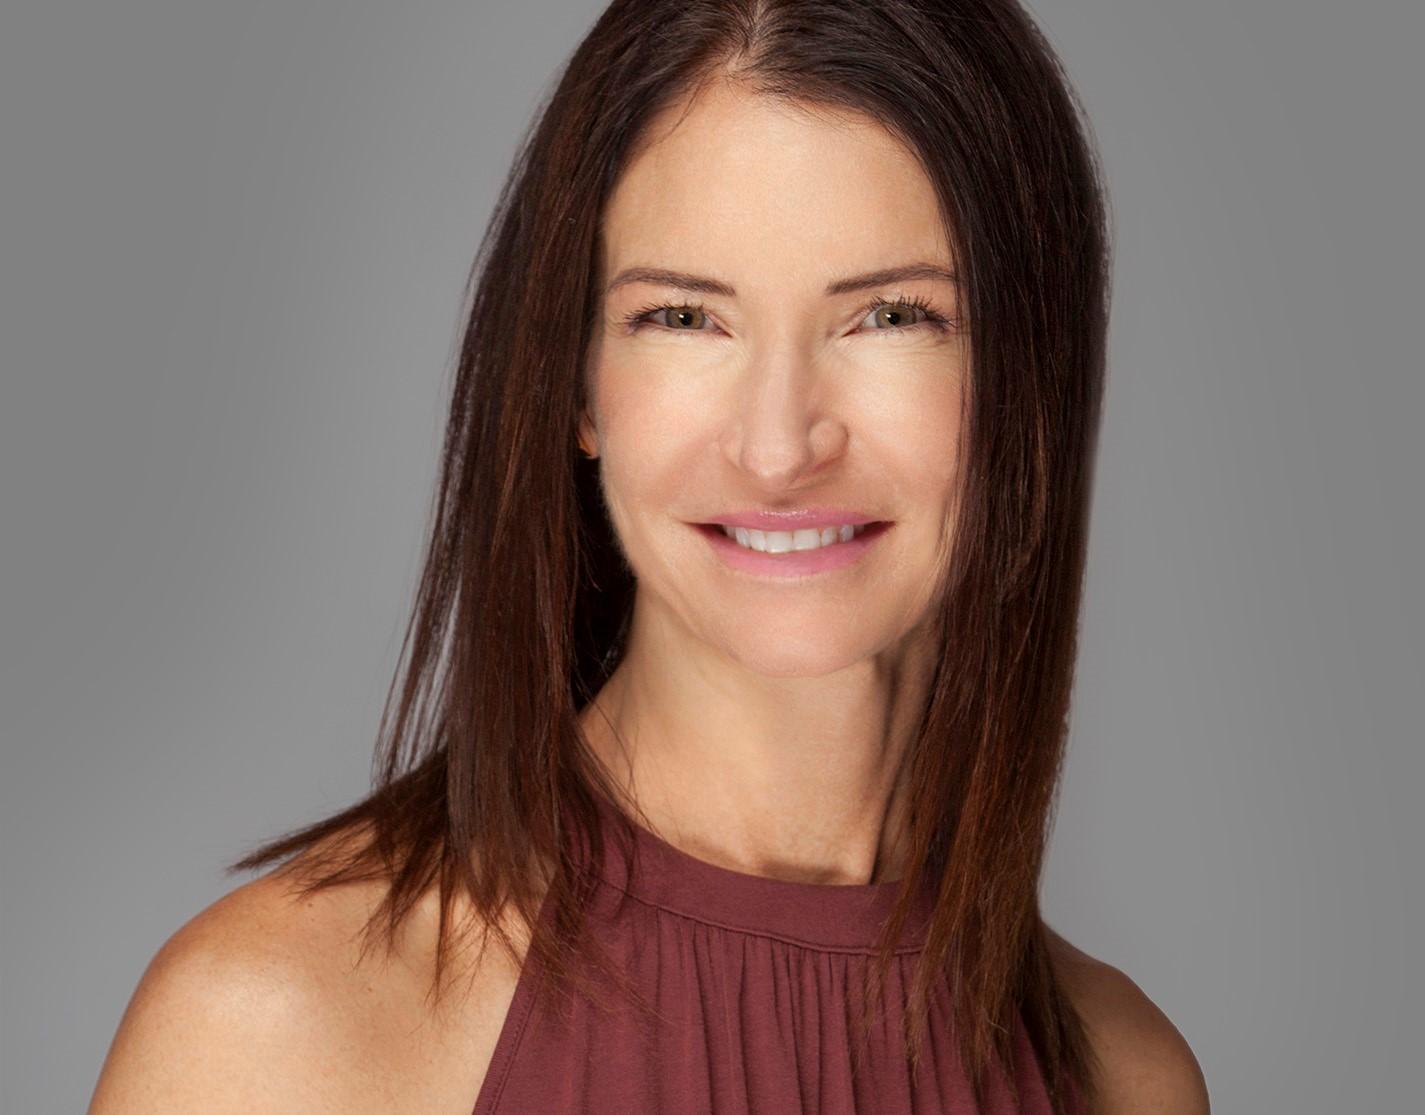 Holly Shearer